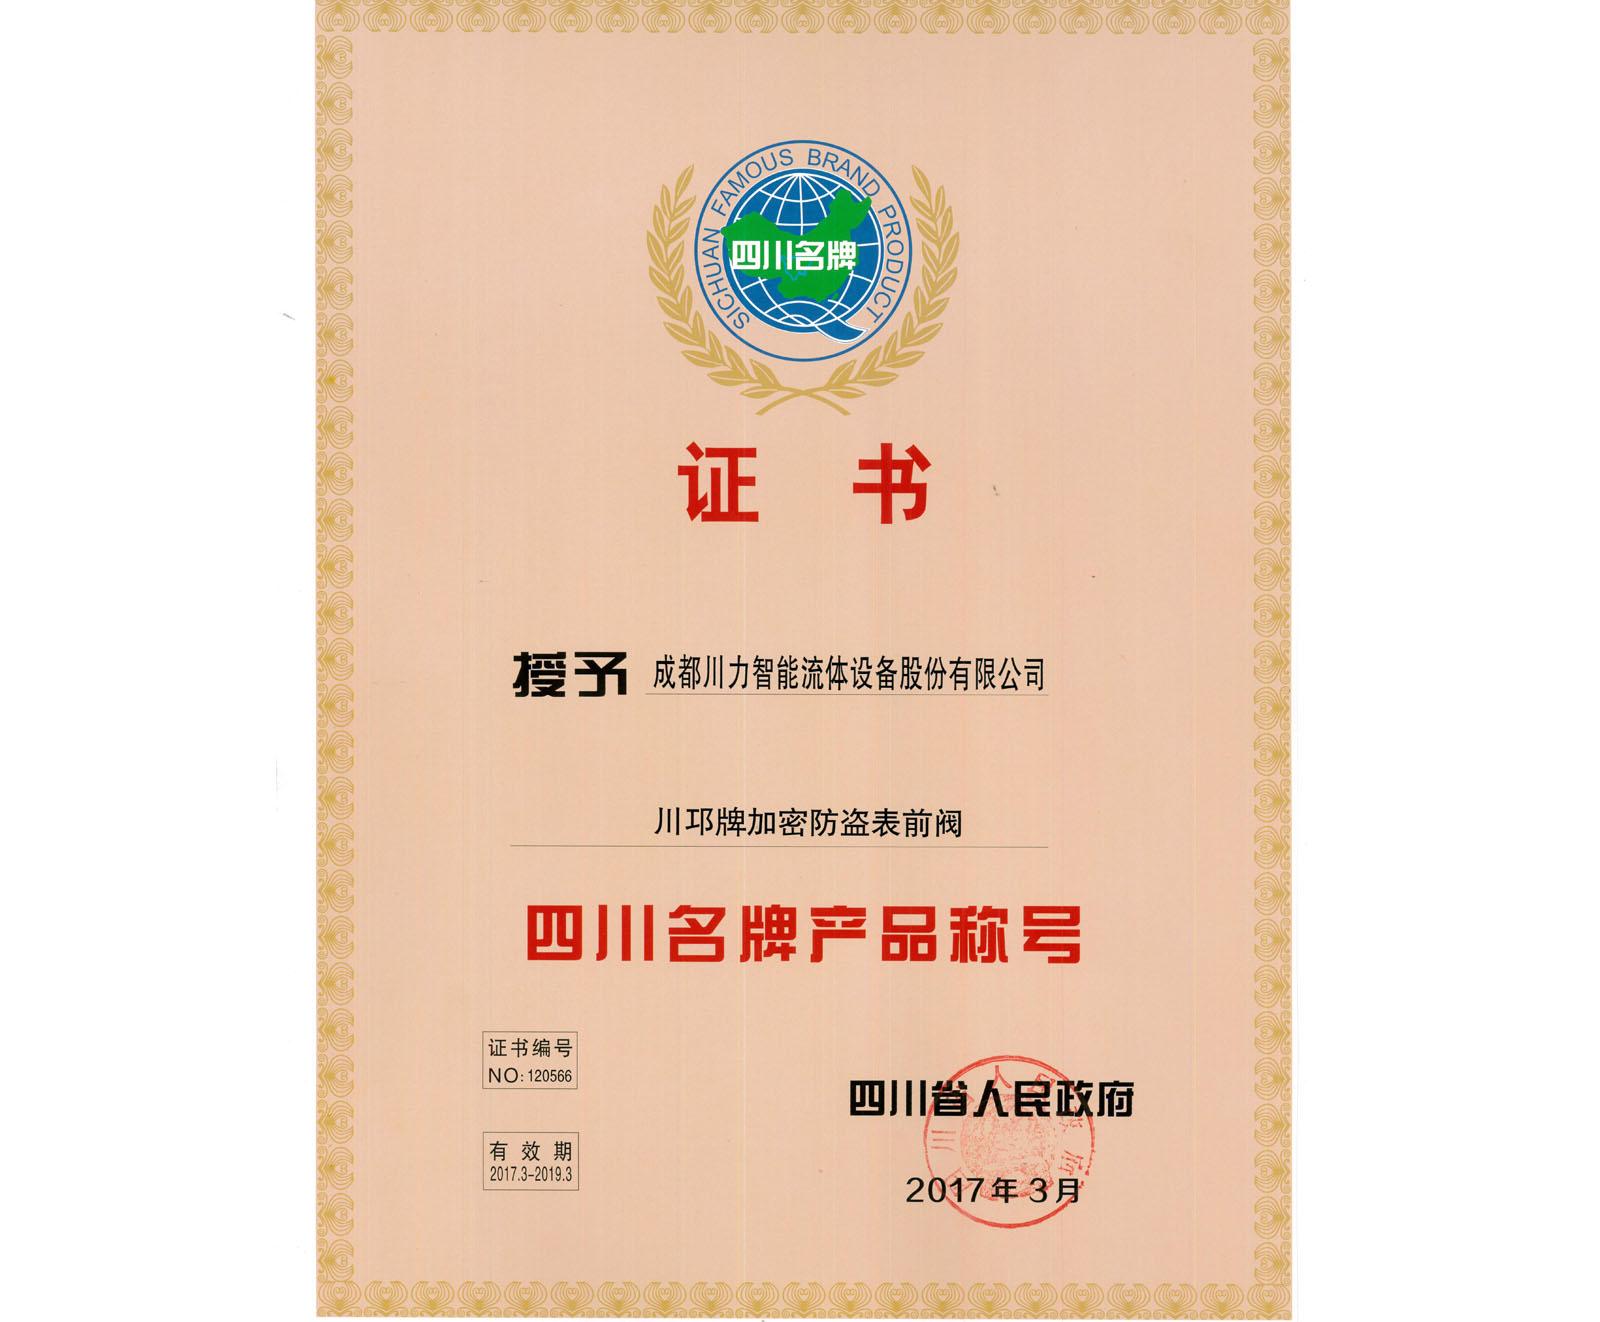 四川省著名商标证书流体